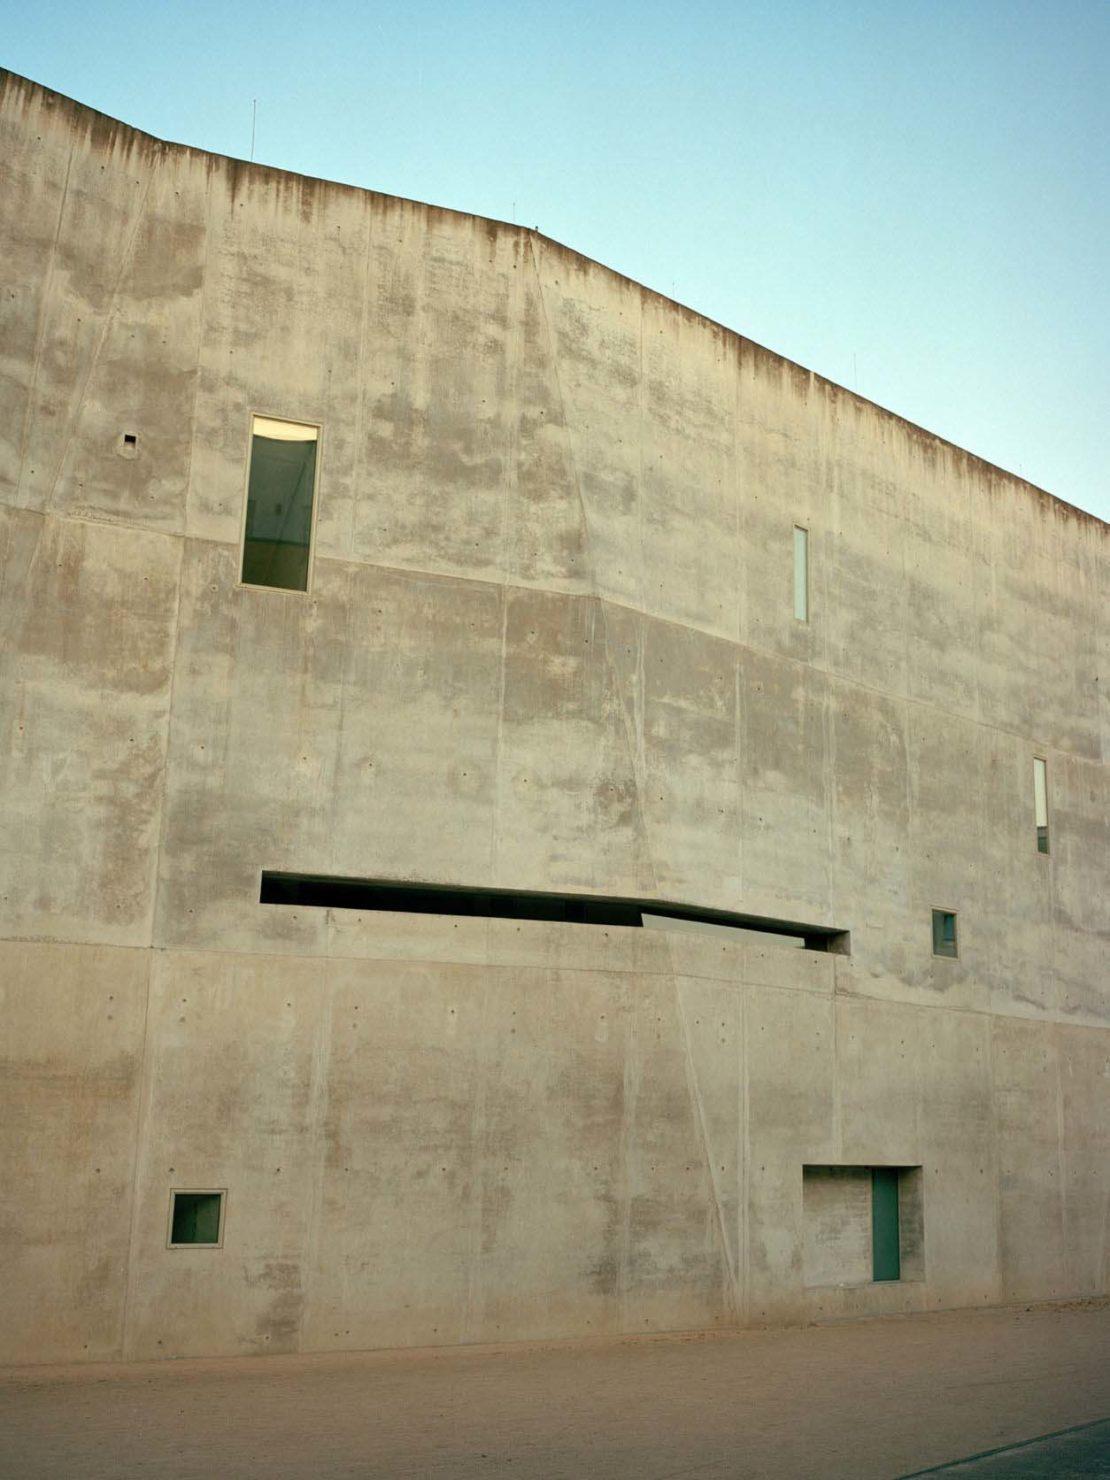 Rieselfeld building